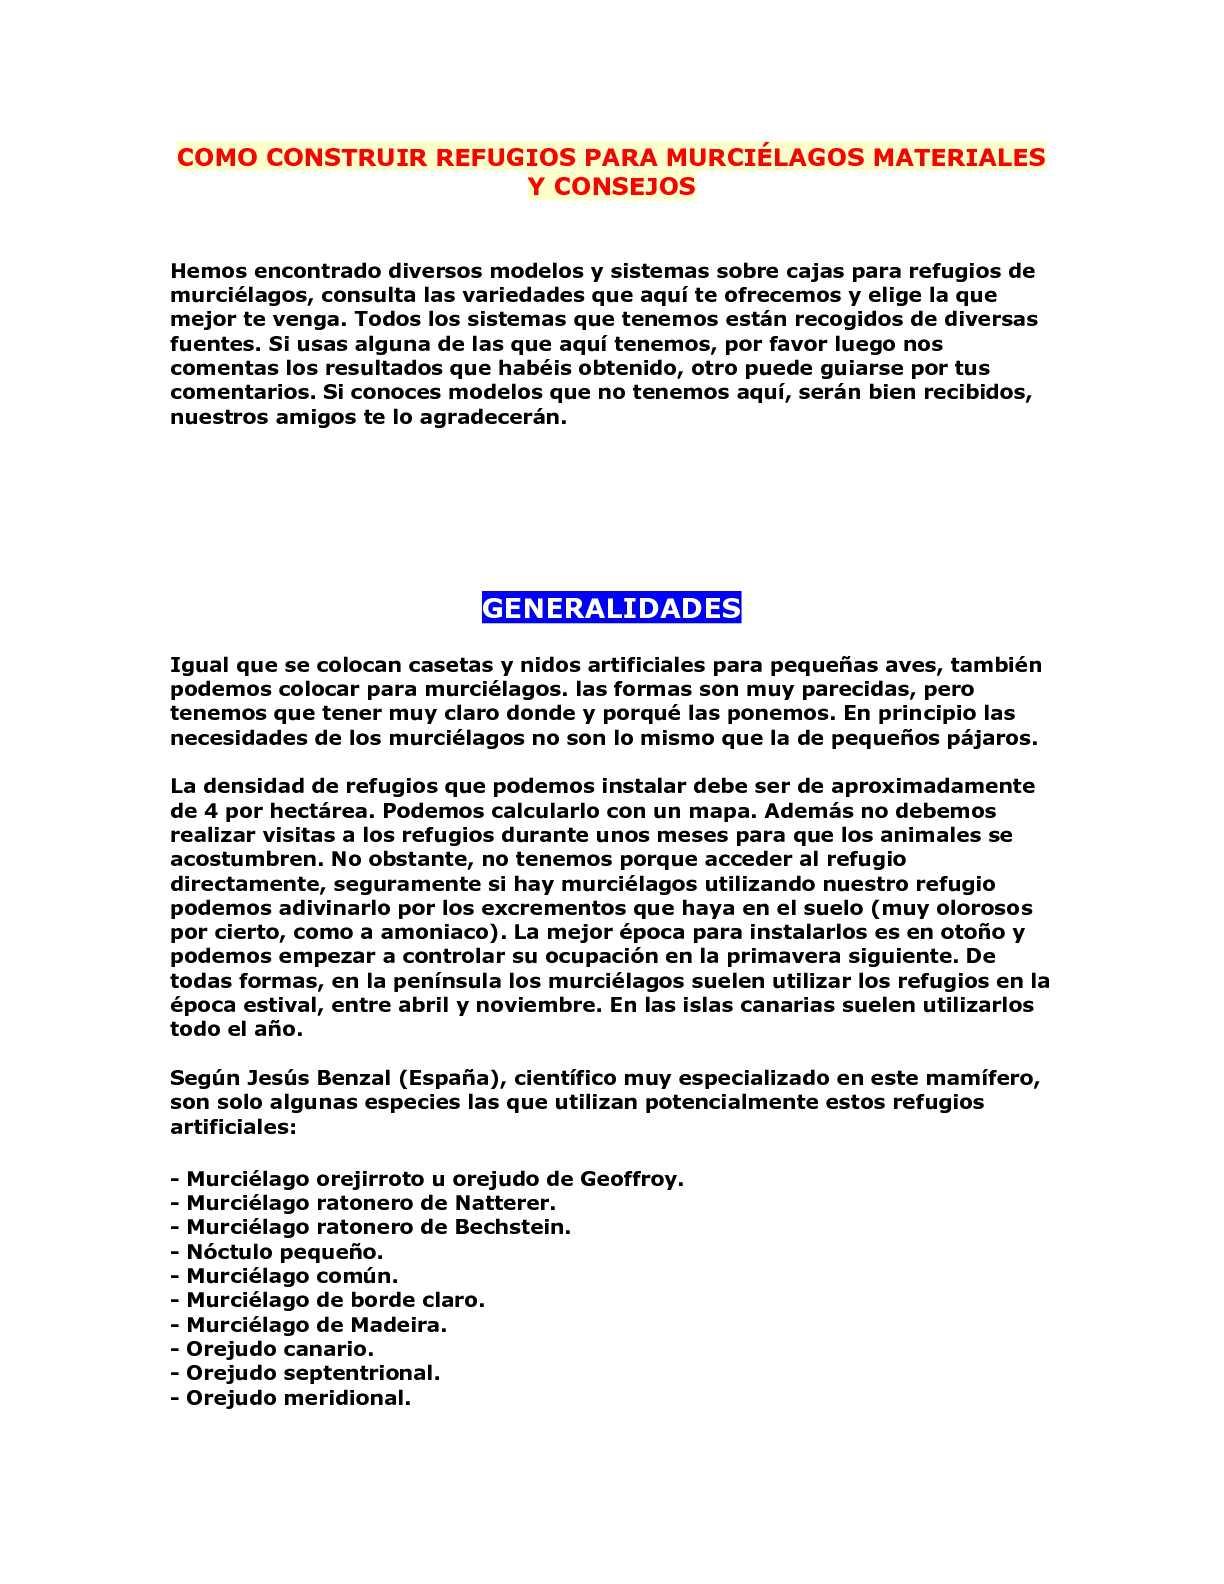 CÓMO CONSTRUIR REFUGIOS PARA MURCIÉLAGOS MATERIALES Y CONSEJOS